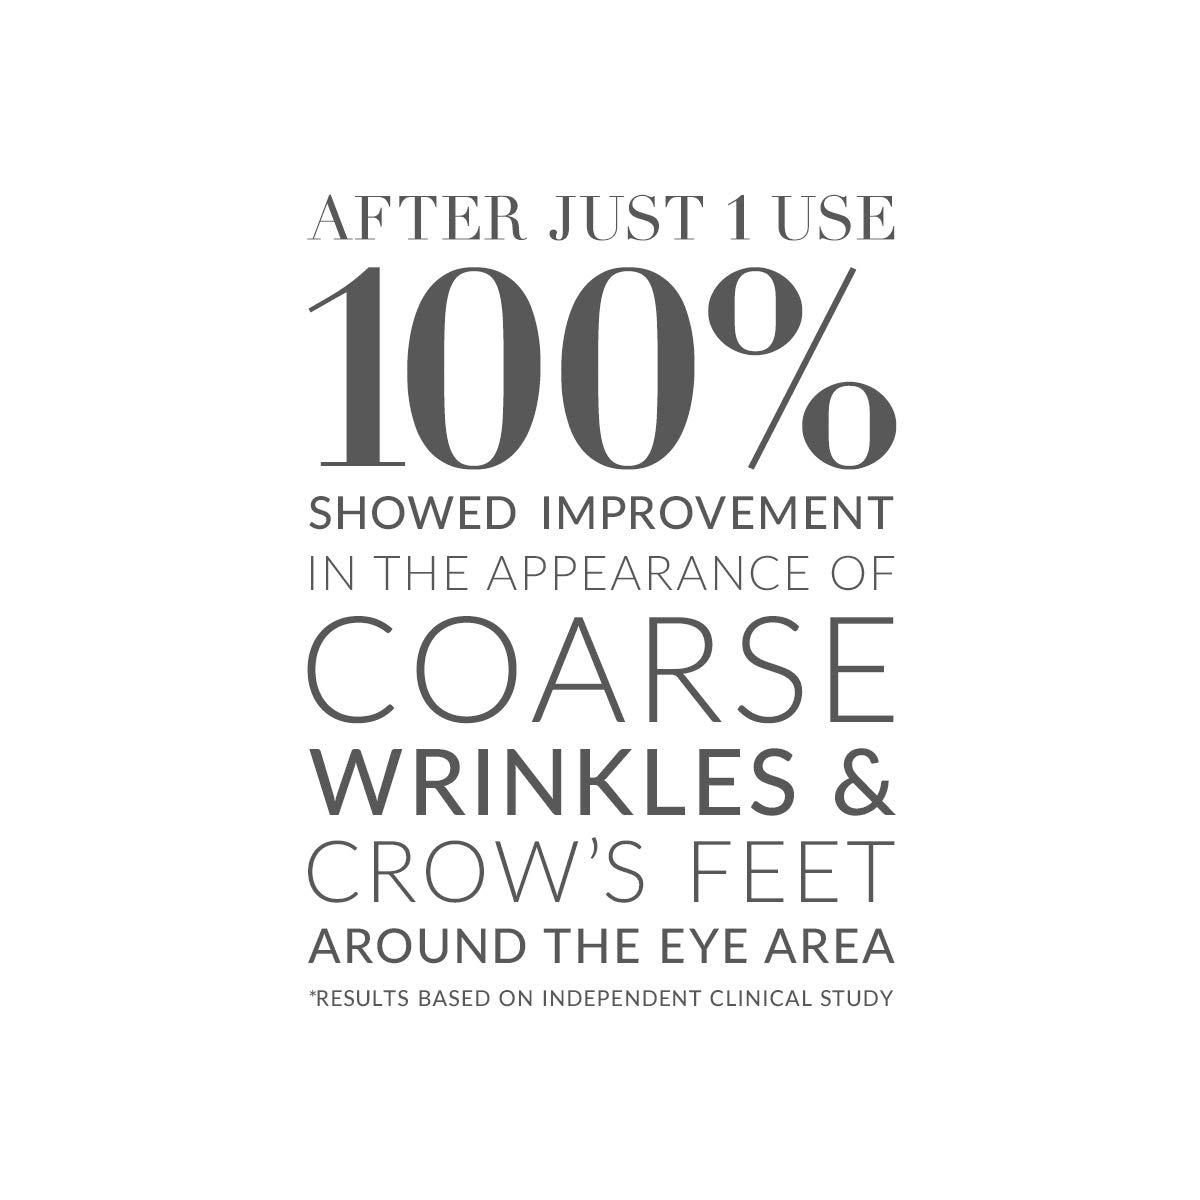 Kate Somerville +Retinol Firming Eye Cream - Eye Wrinkle Cream - Retinol Eye Cream (0.5 Fl. Oz) by Kate Somerville (Image #6)